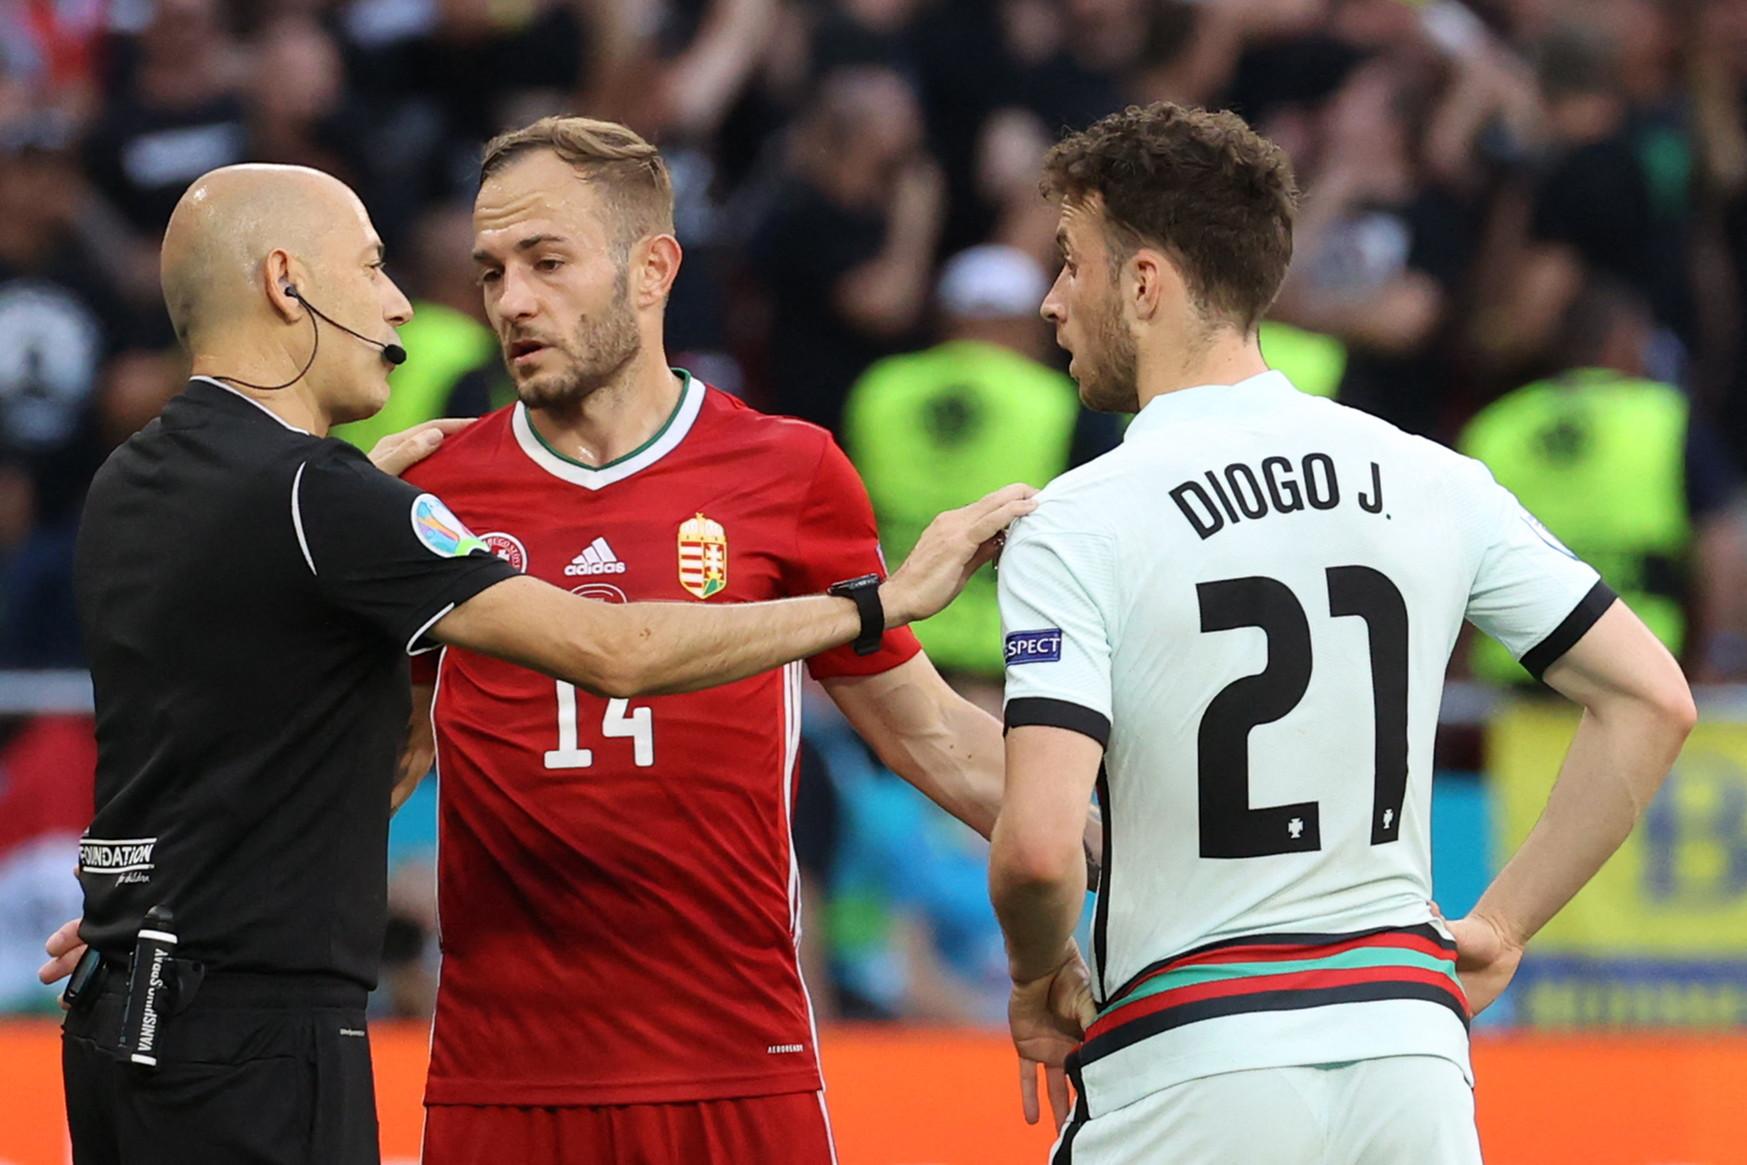 Le immagini dell&#39;esordio della nazionale lusitana di Cristiano Ronaldo contro l&#39;Ungheria di Rossi all&#39;Europeo<br /><br />